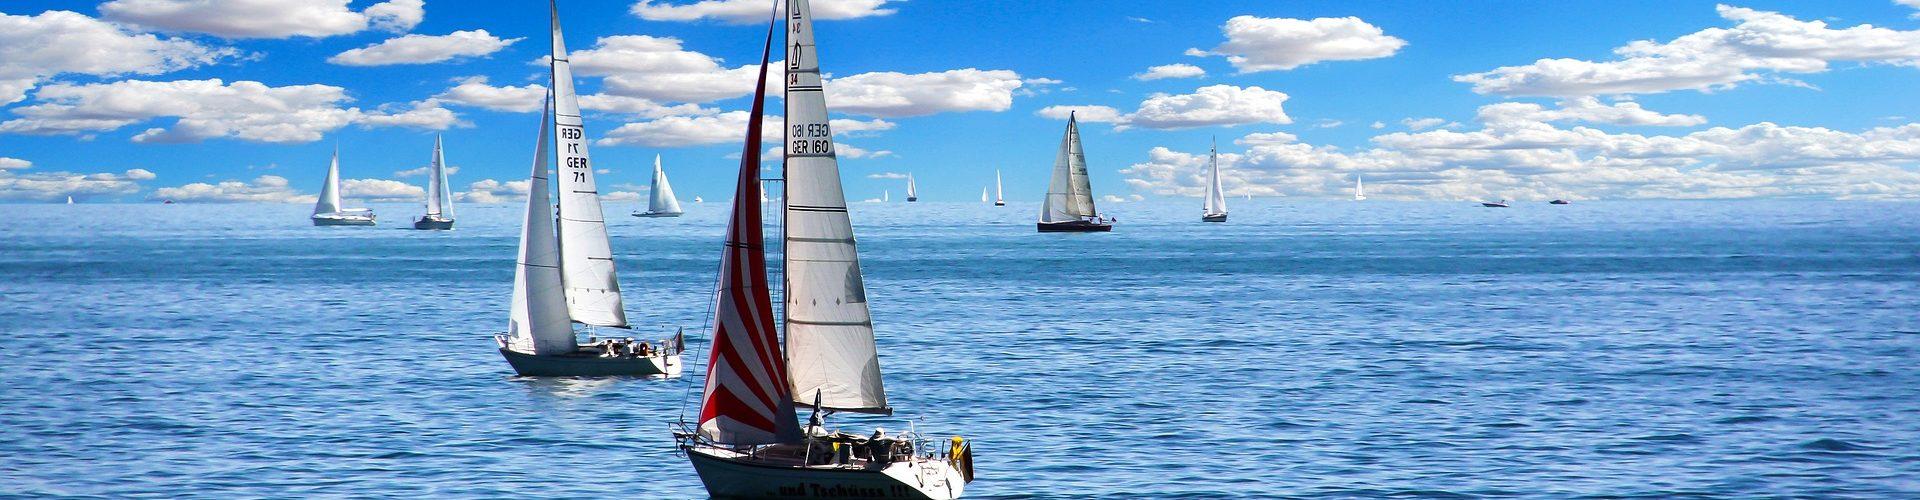 segeln lernen in Vechta segelschein machen in Vechta 1920x500 - Segeln lernen in Vechta